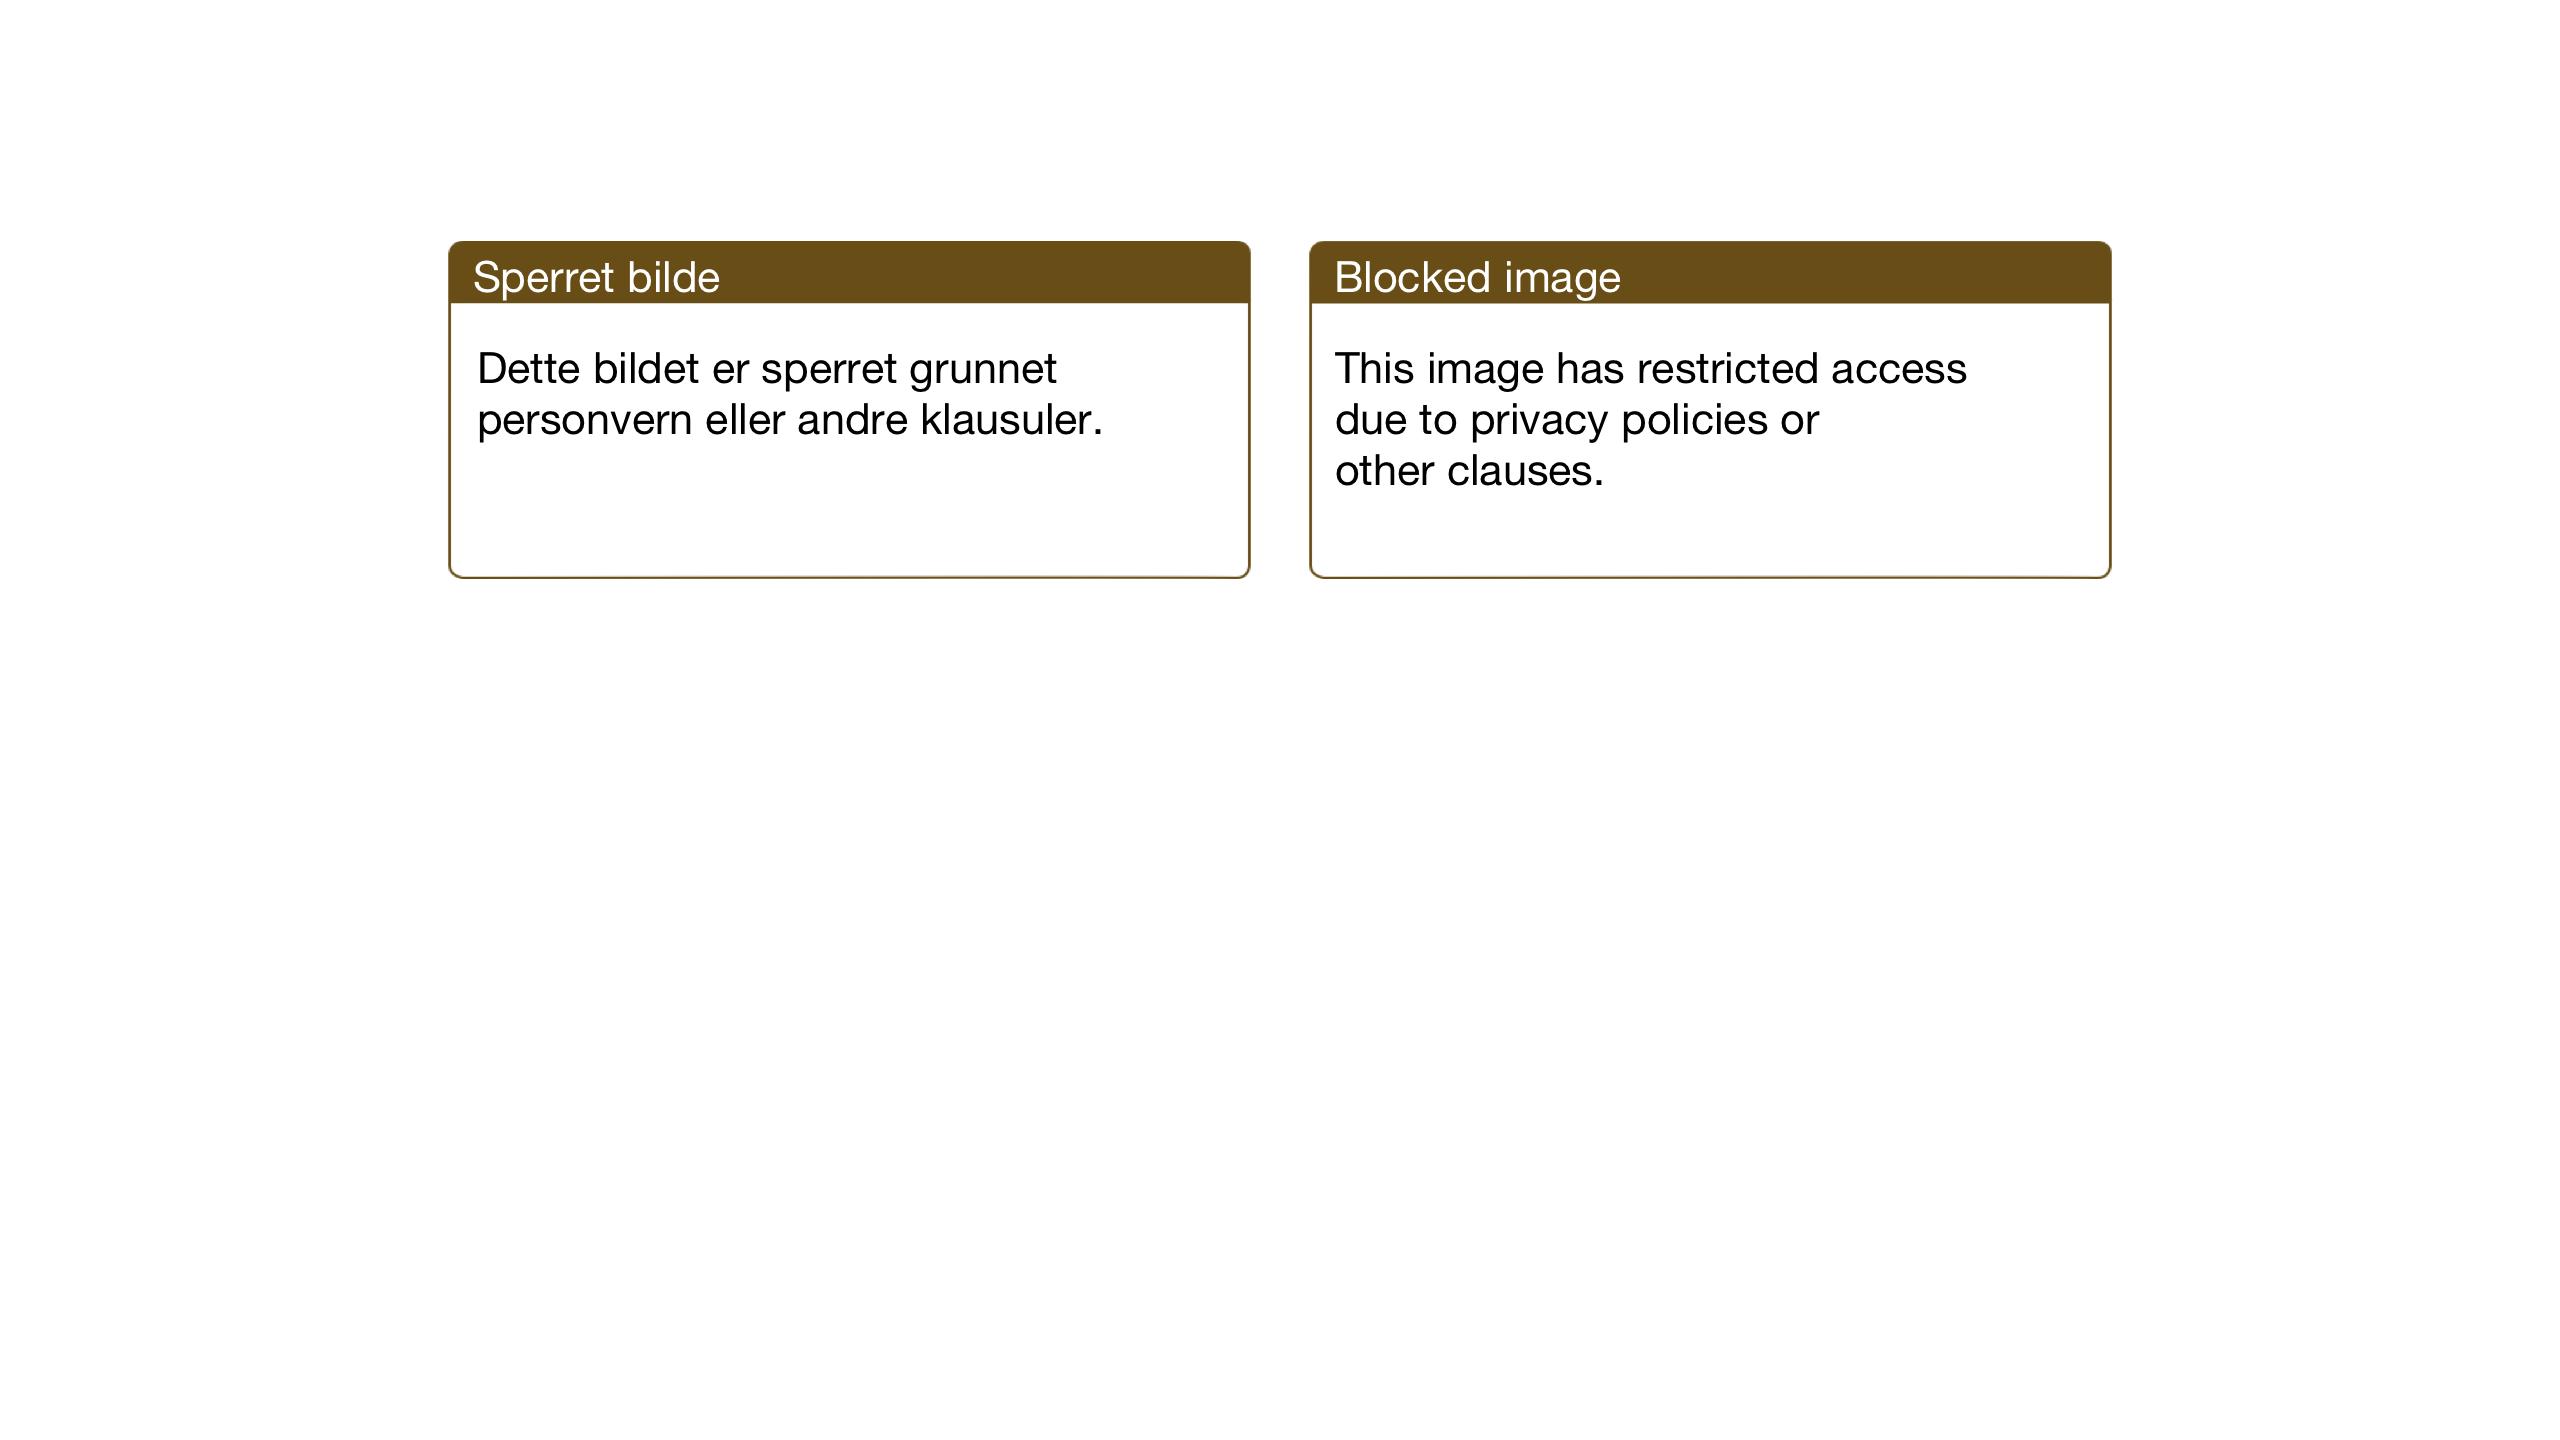 SAT, Ministerialprotokoller, klokkerbøker og fødselsregistre - Sør-Trøndelag, 686/L0986: Klokkerbok nr. 686C02, 1933-1950, s. 21